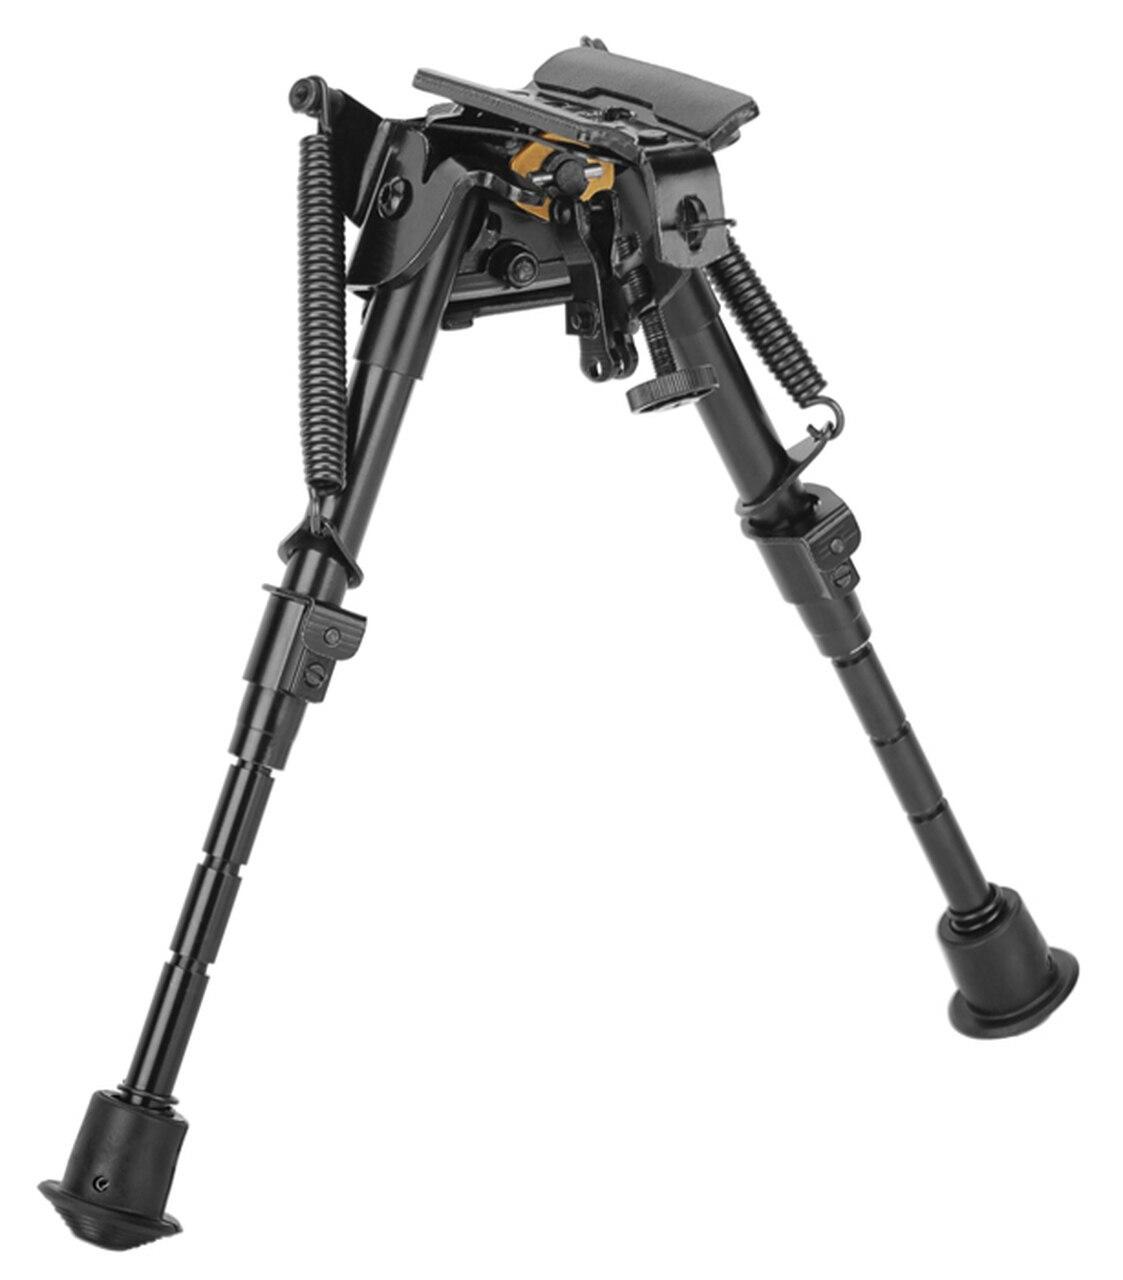 Gun Parts - LA Police Gear